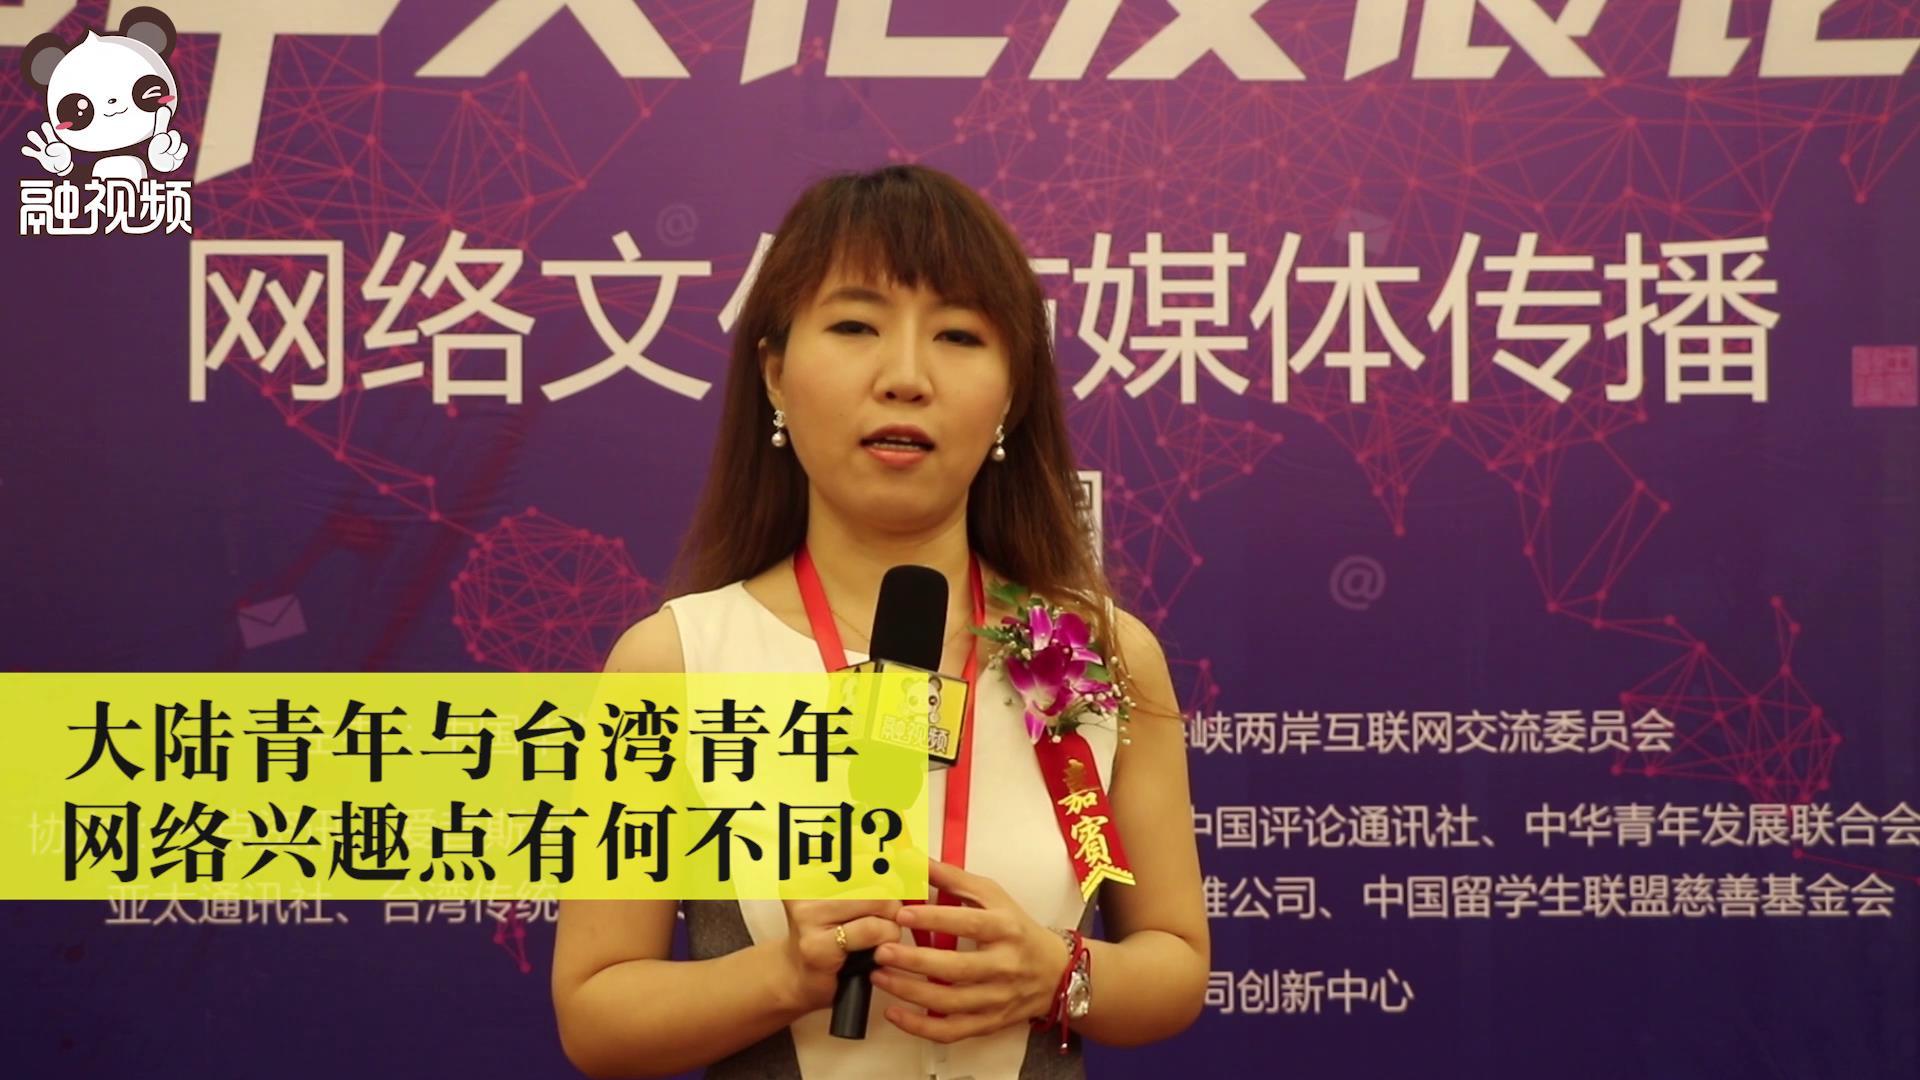 王紫庐:台湾青年热衷CP值很高的东西图片